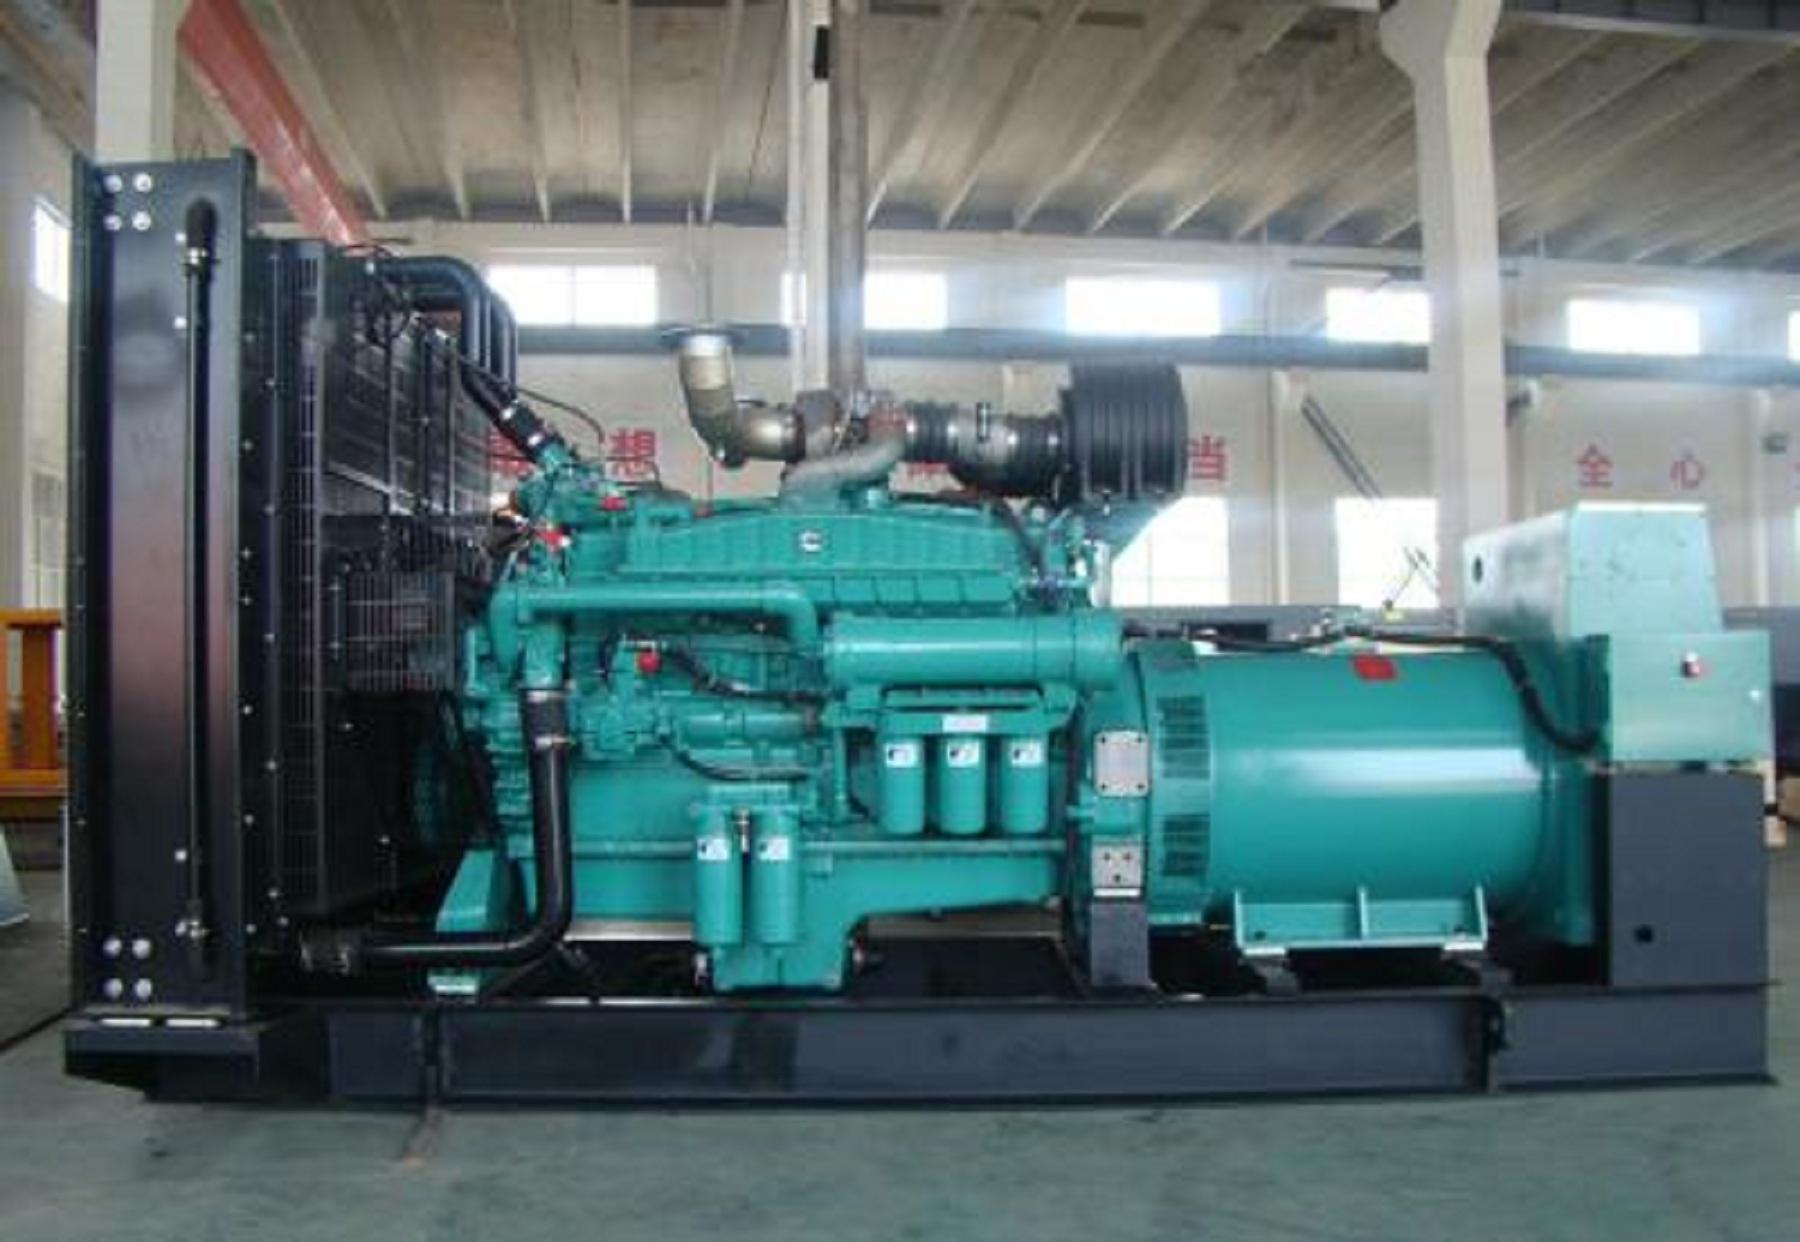 大型柴油发电机厂家直销 大型柴油发电机厂家直销